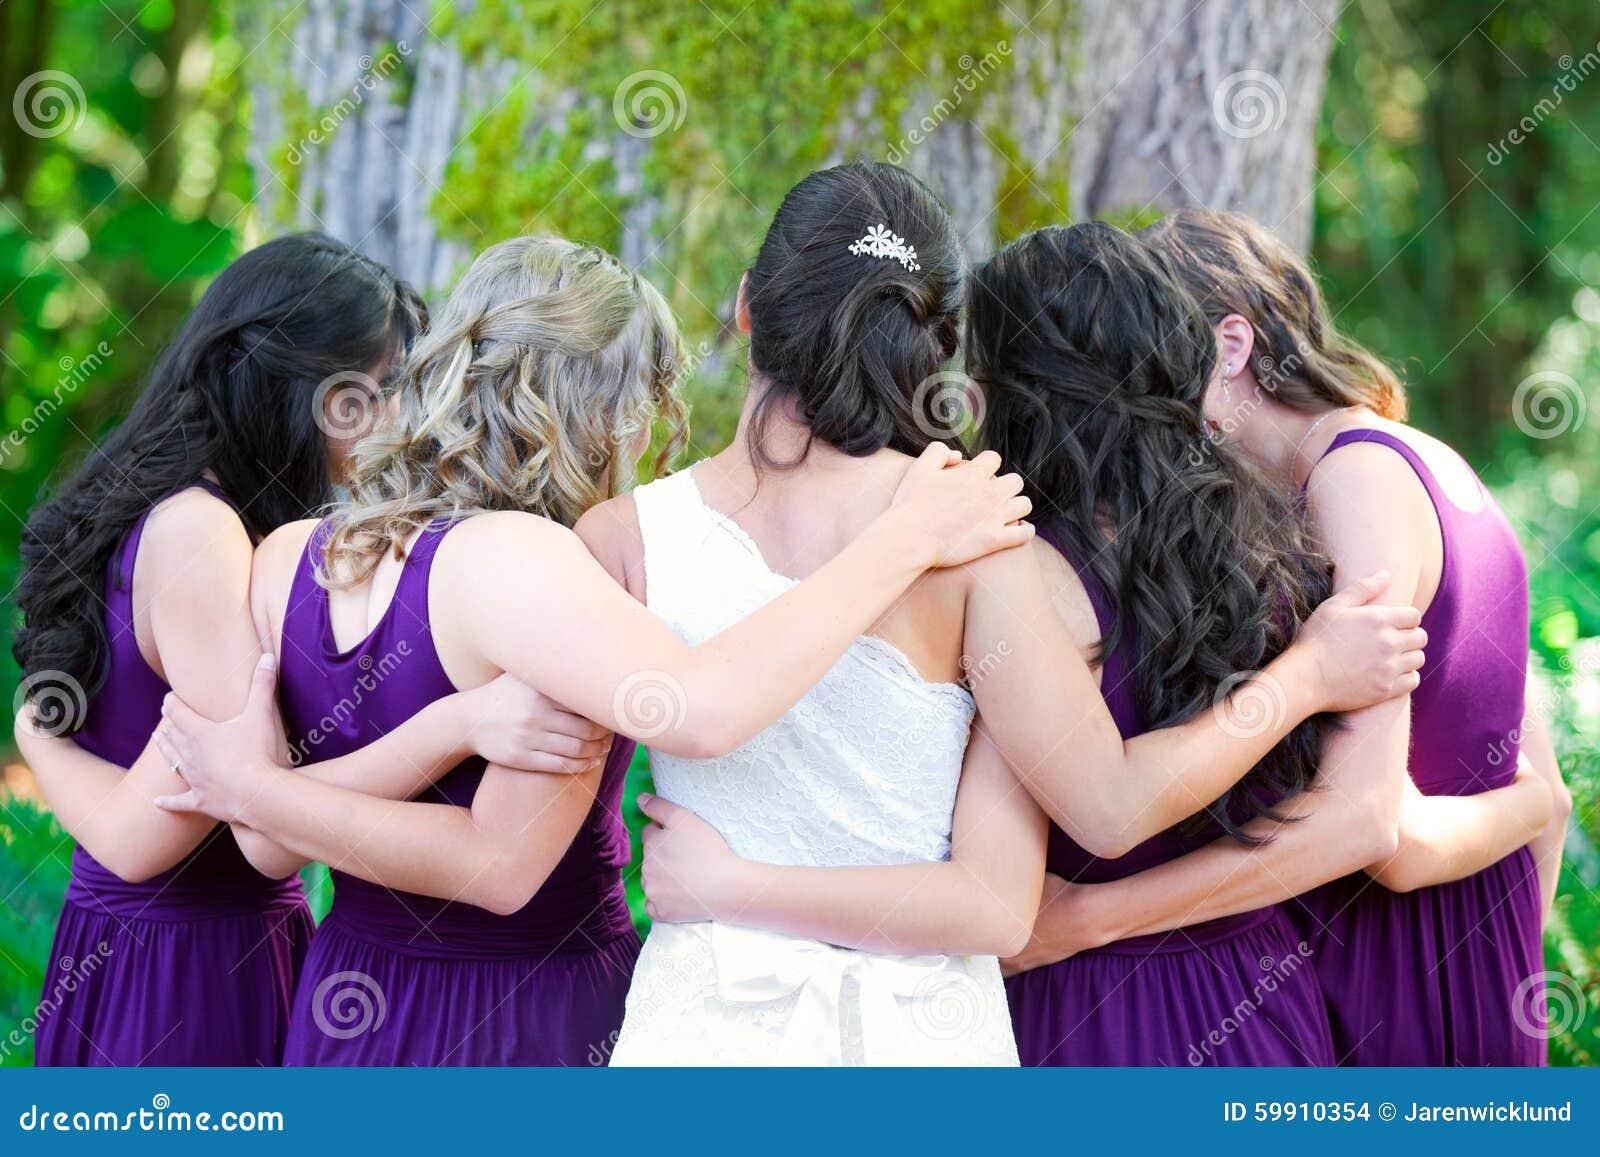 Piękna biracial młoda panna młoda z jej wieloetniczną grupą bri